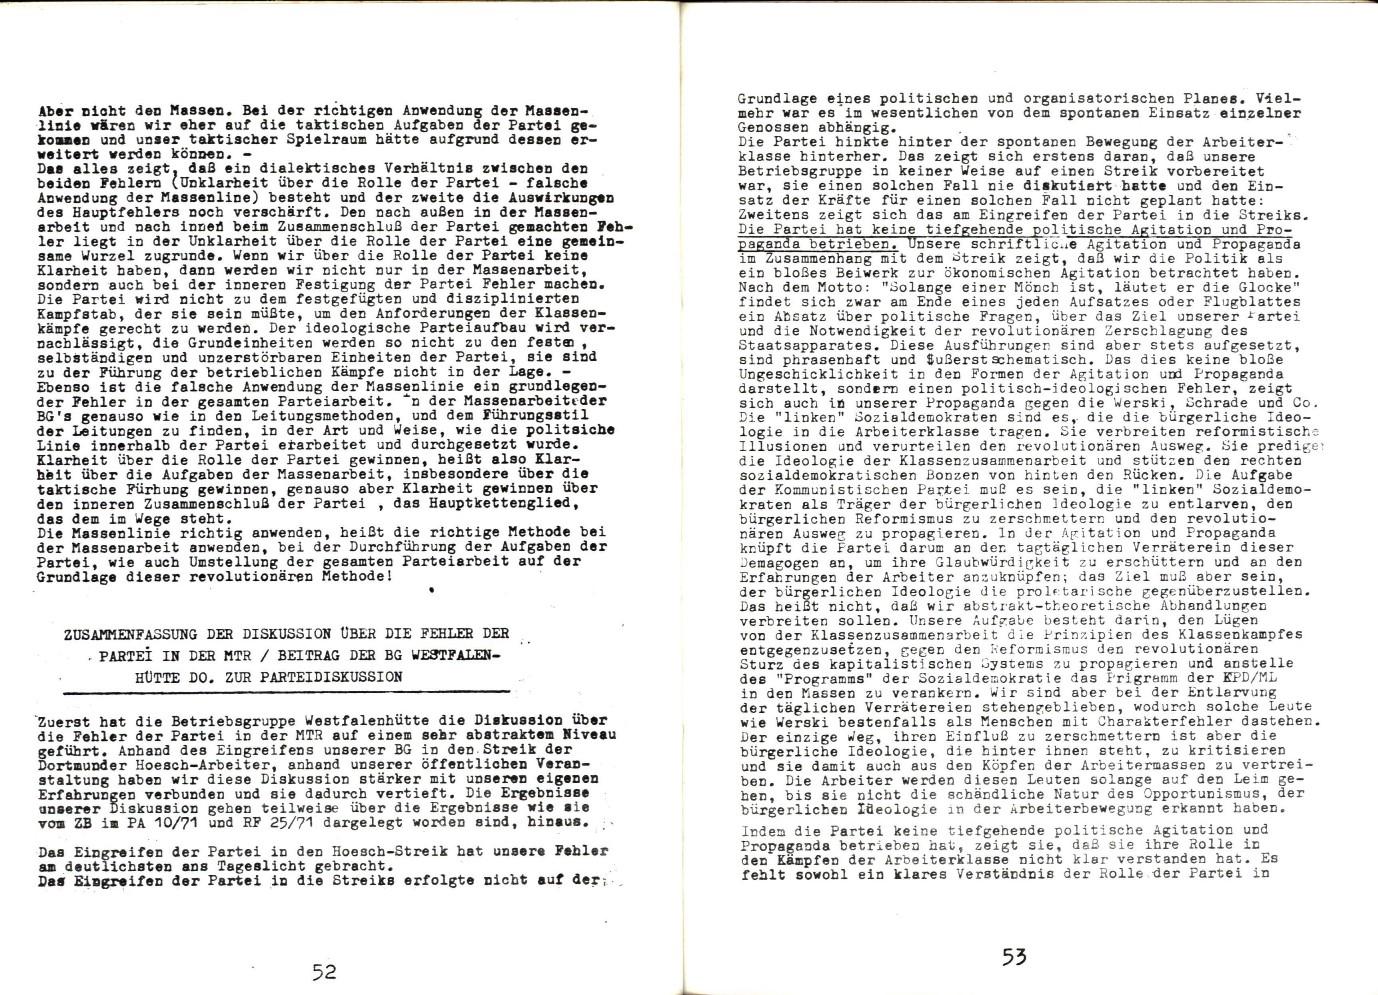 NRW_KPDML_Der_Bolschewist_1972_04_28